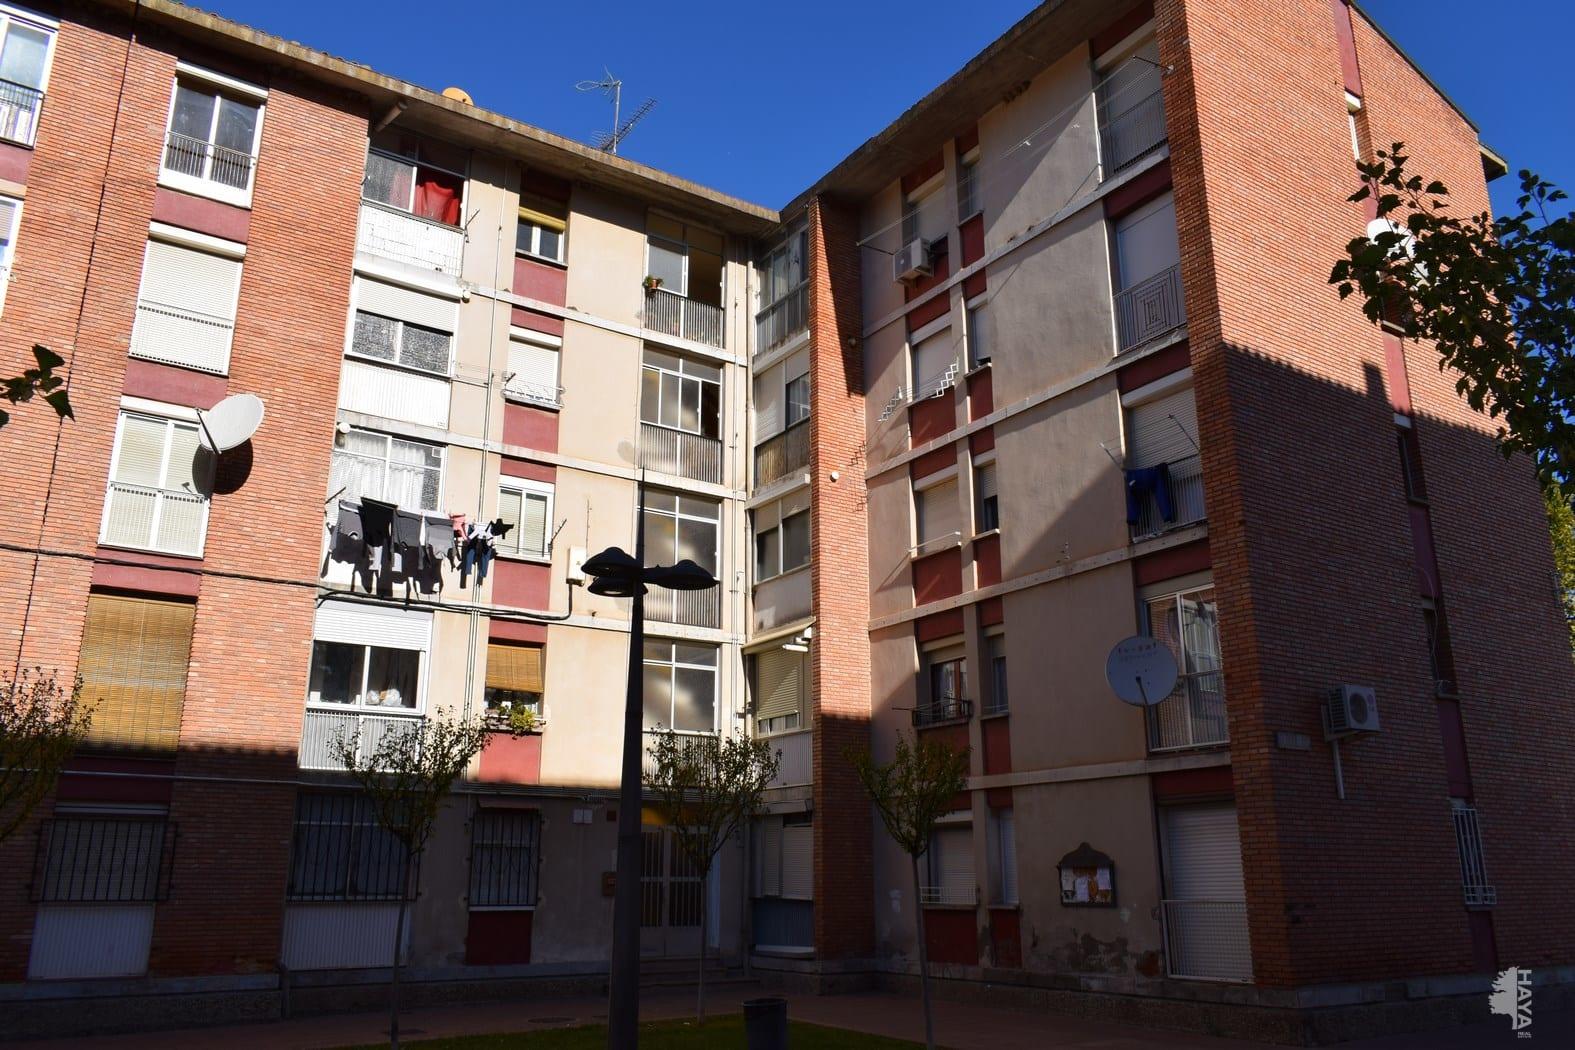 Piso en venta en Barbastro, Barbastro, Huesca, Calle Fornillos, 29.000 €, 2 habitaciones, 1 baño, 91 m2